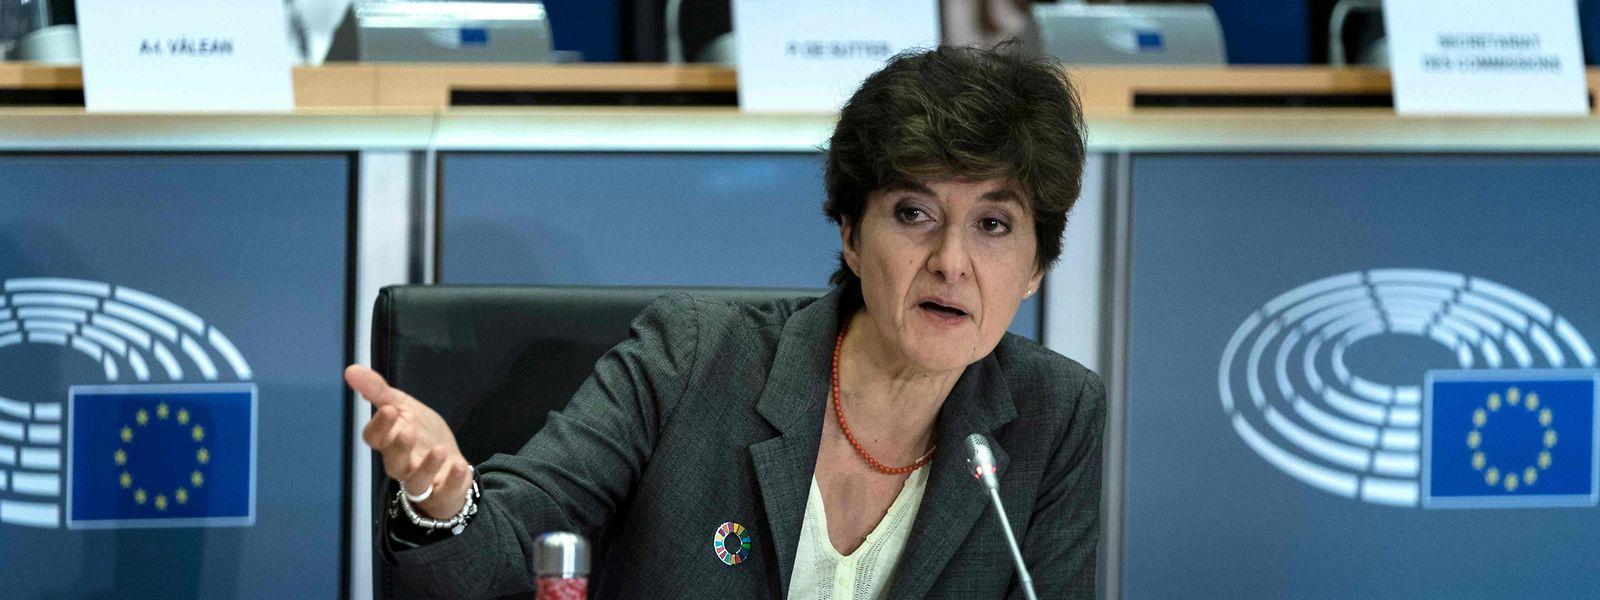 Sylvie Goulard se voir reprocher une possible implication dans une affaire d'emploi fictif au sein du Parlement européen.